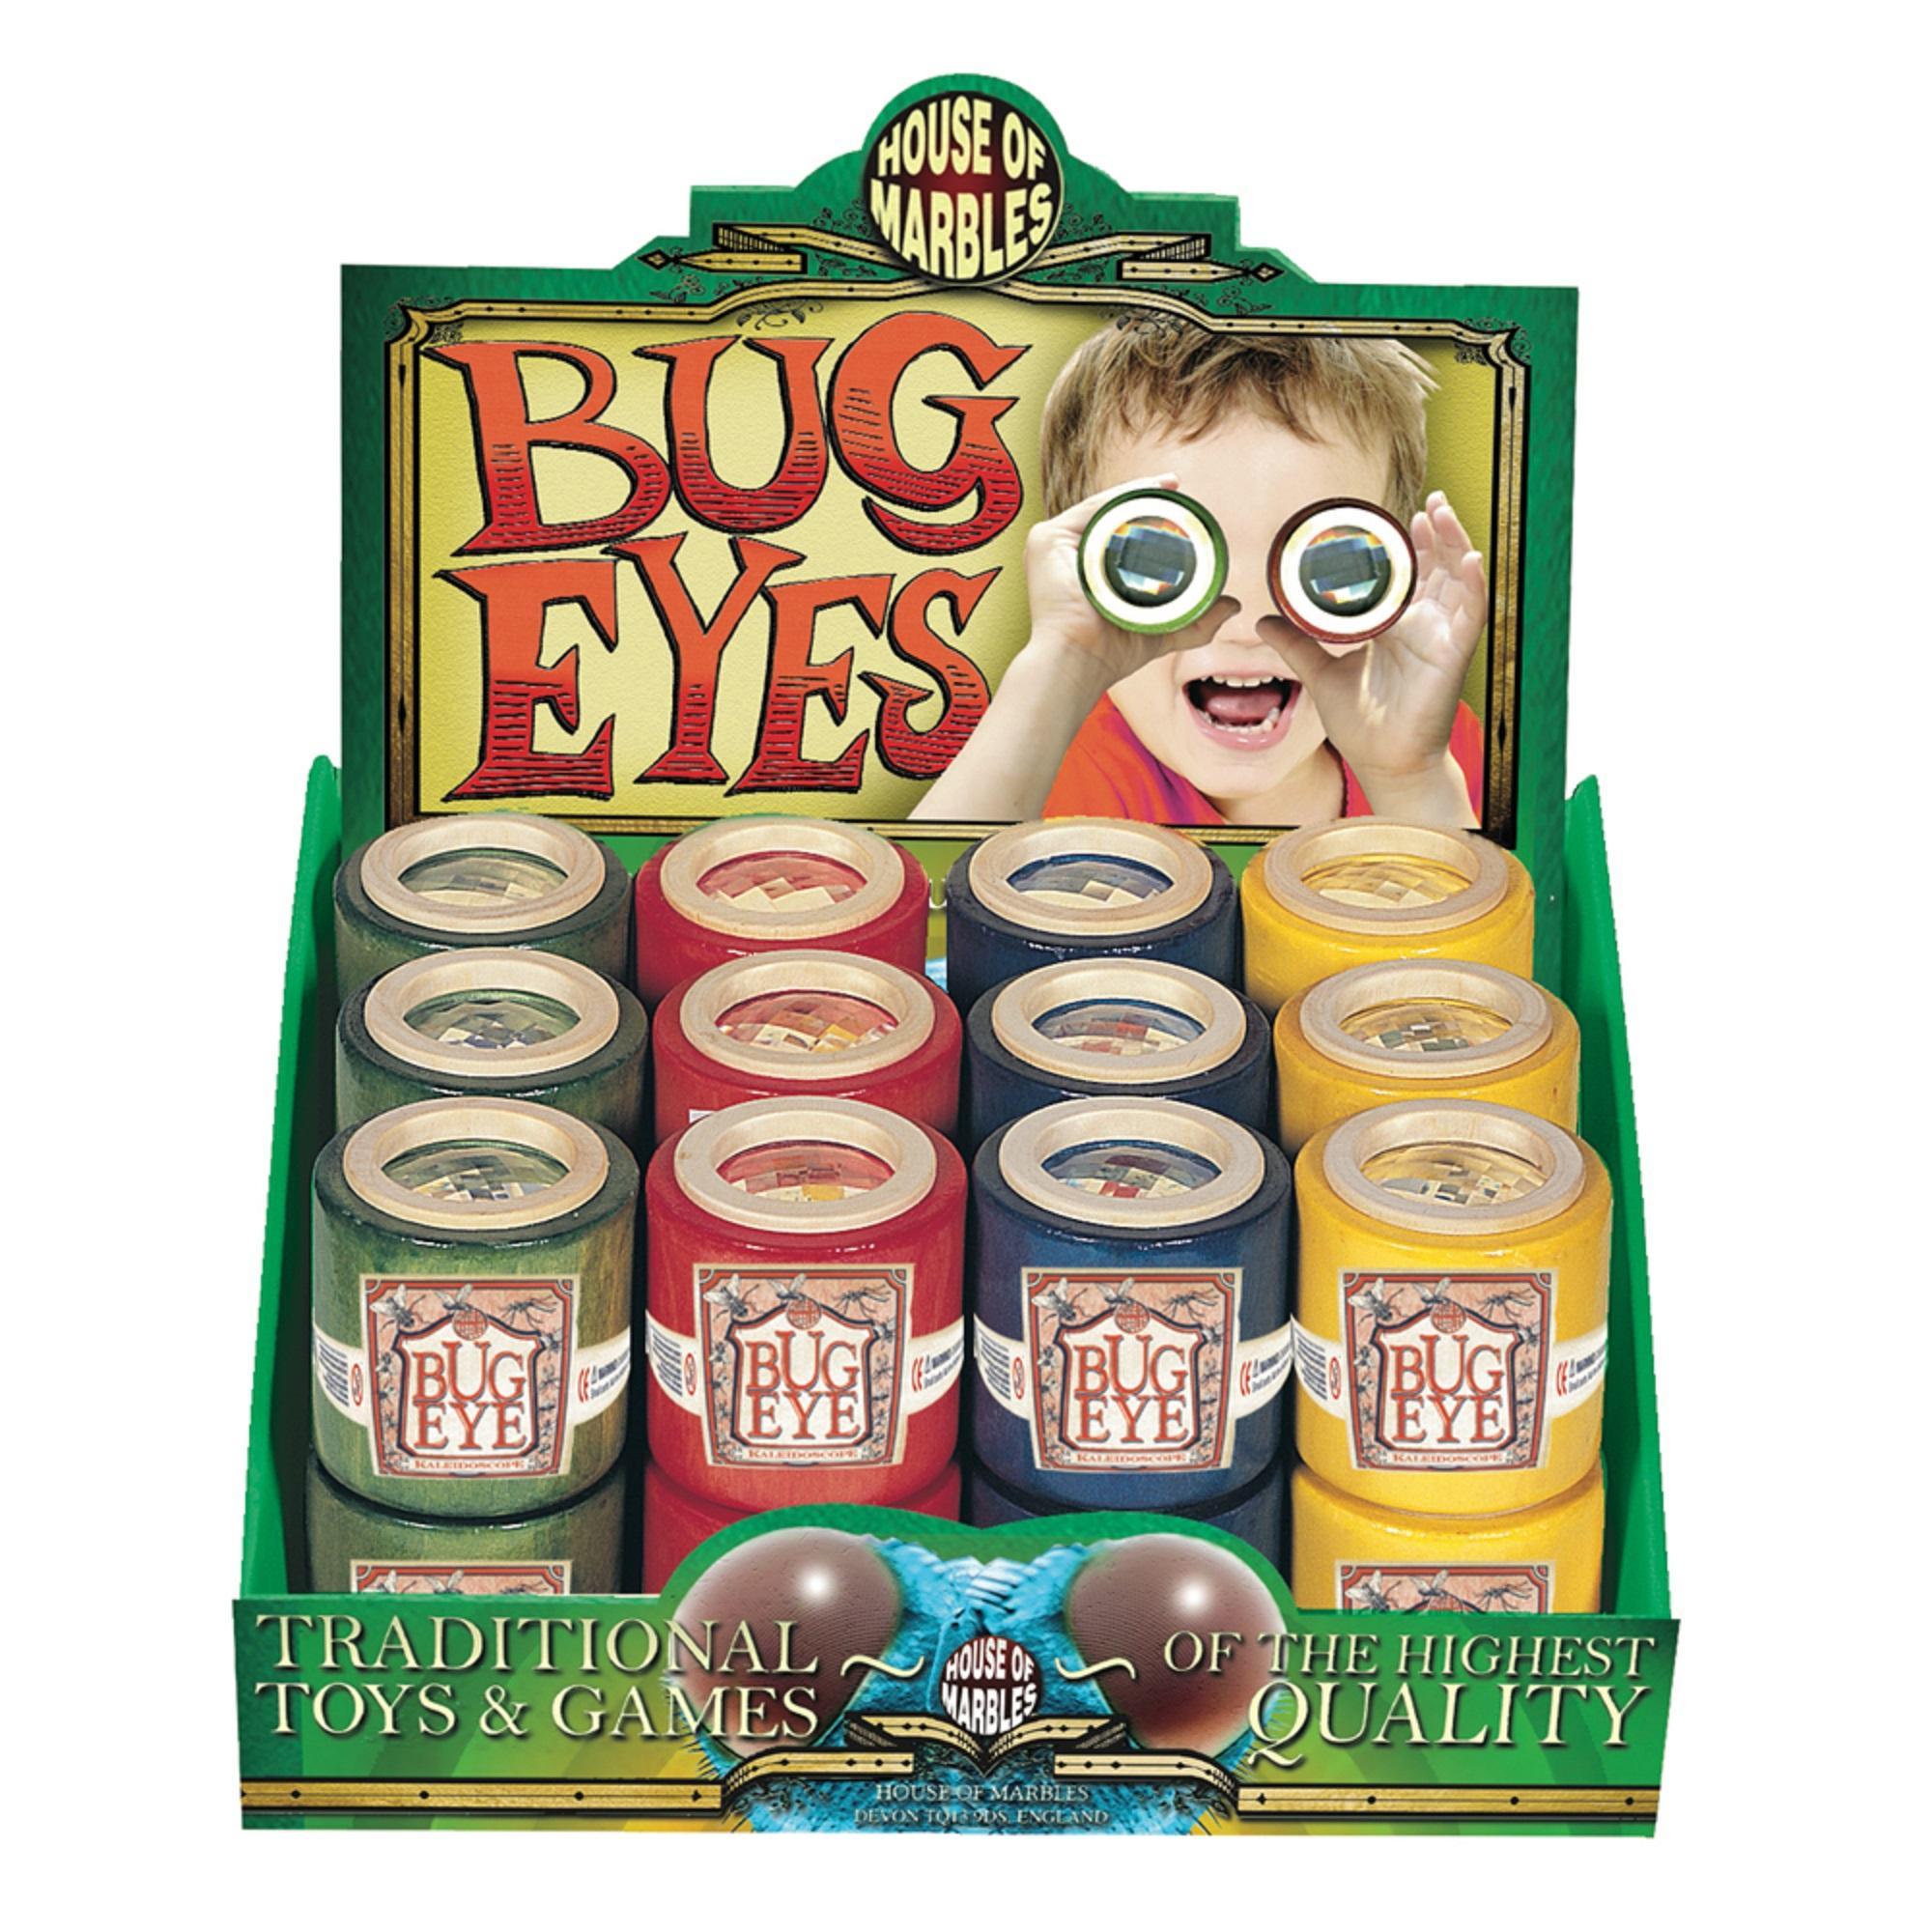 Bug Eyes Kalediscope, $4.99